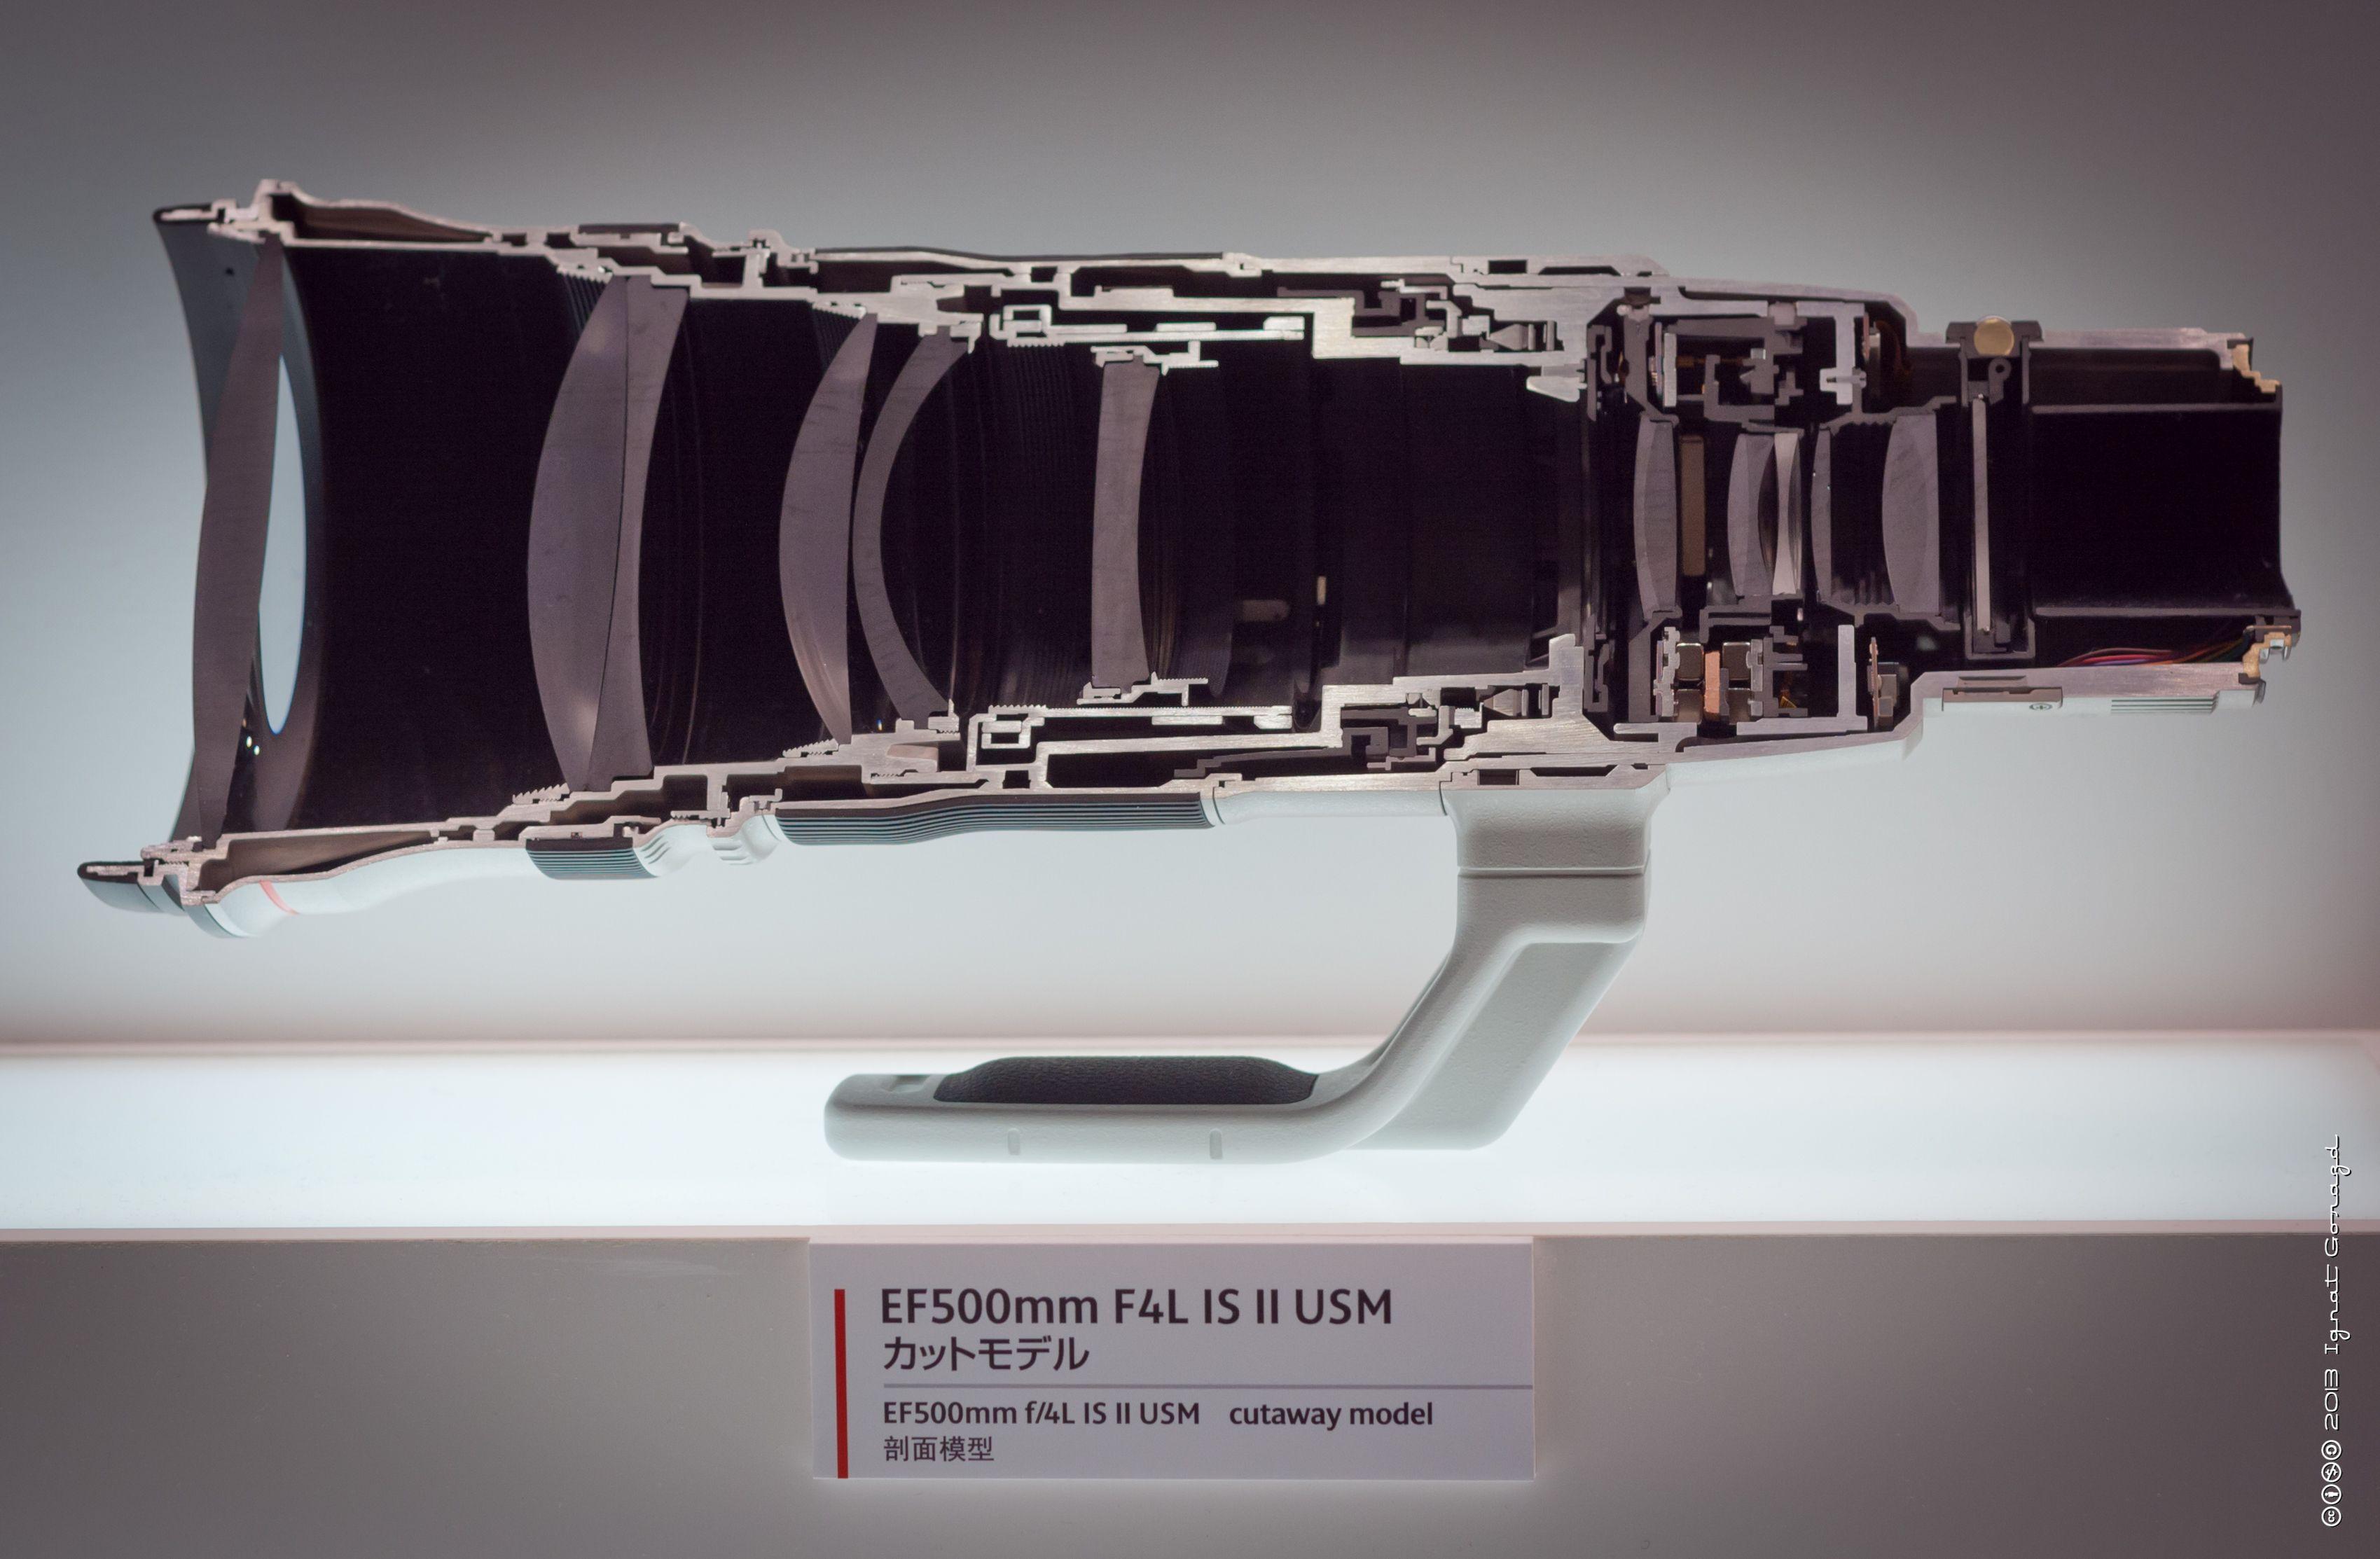 Canon_EF_500mm_F4L_IS_II_USM_super_telephoto_lens_(cutaway_model).jpg…